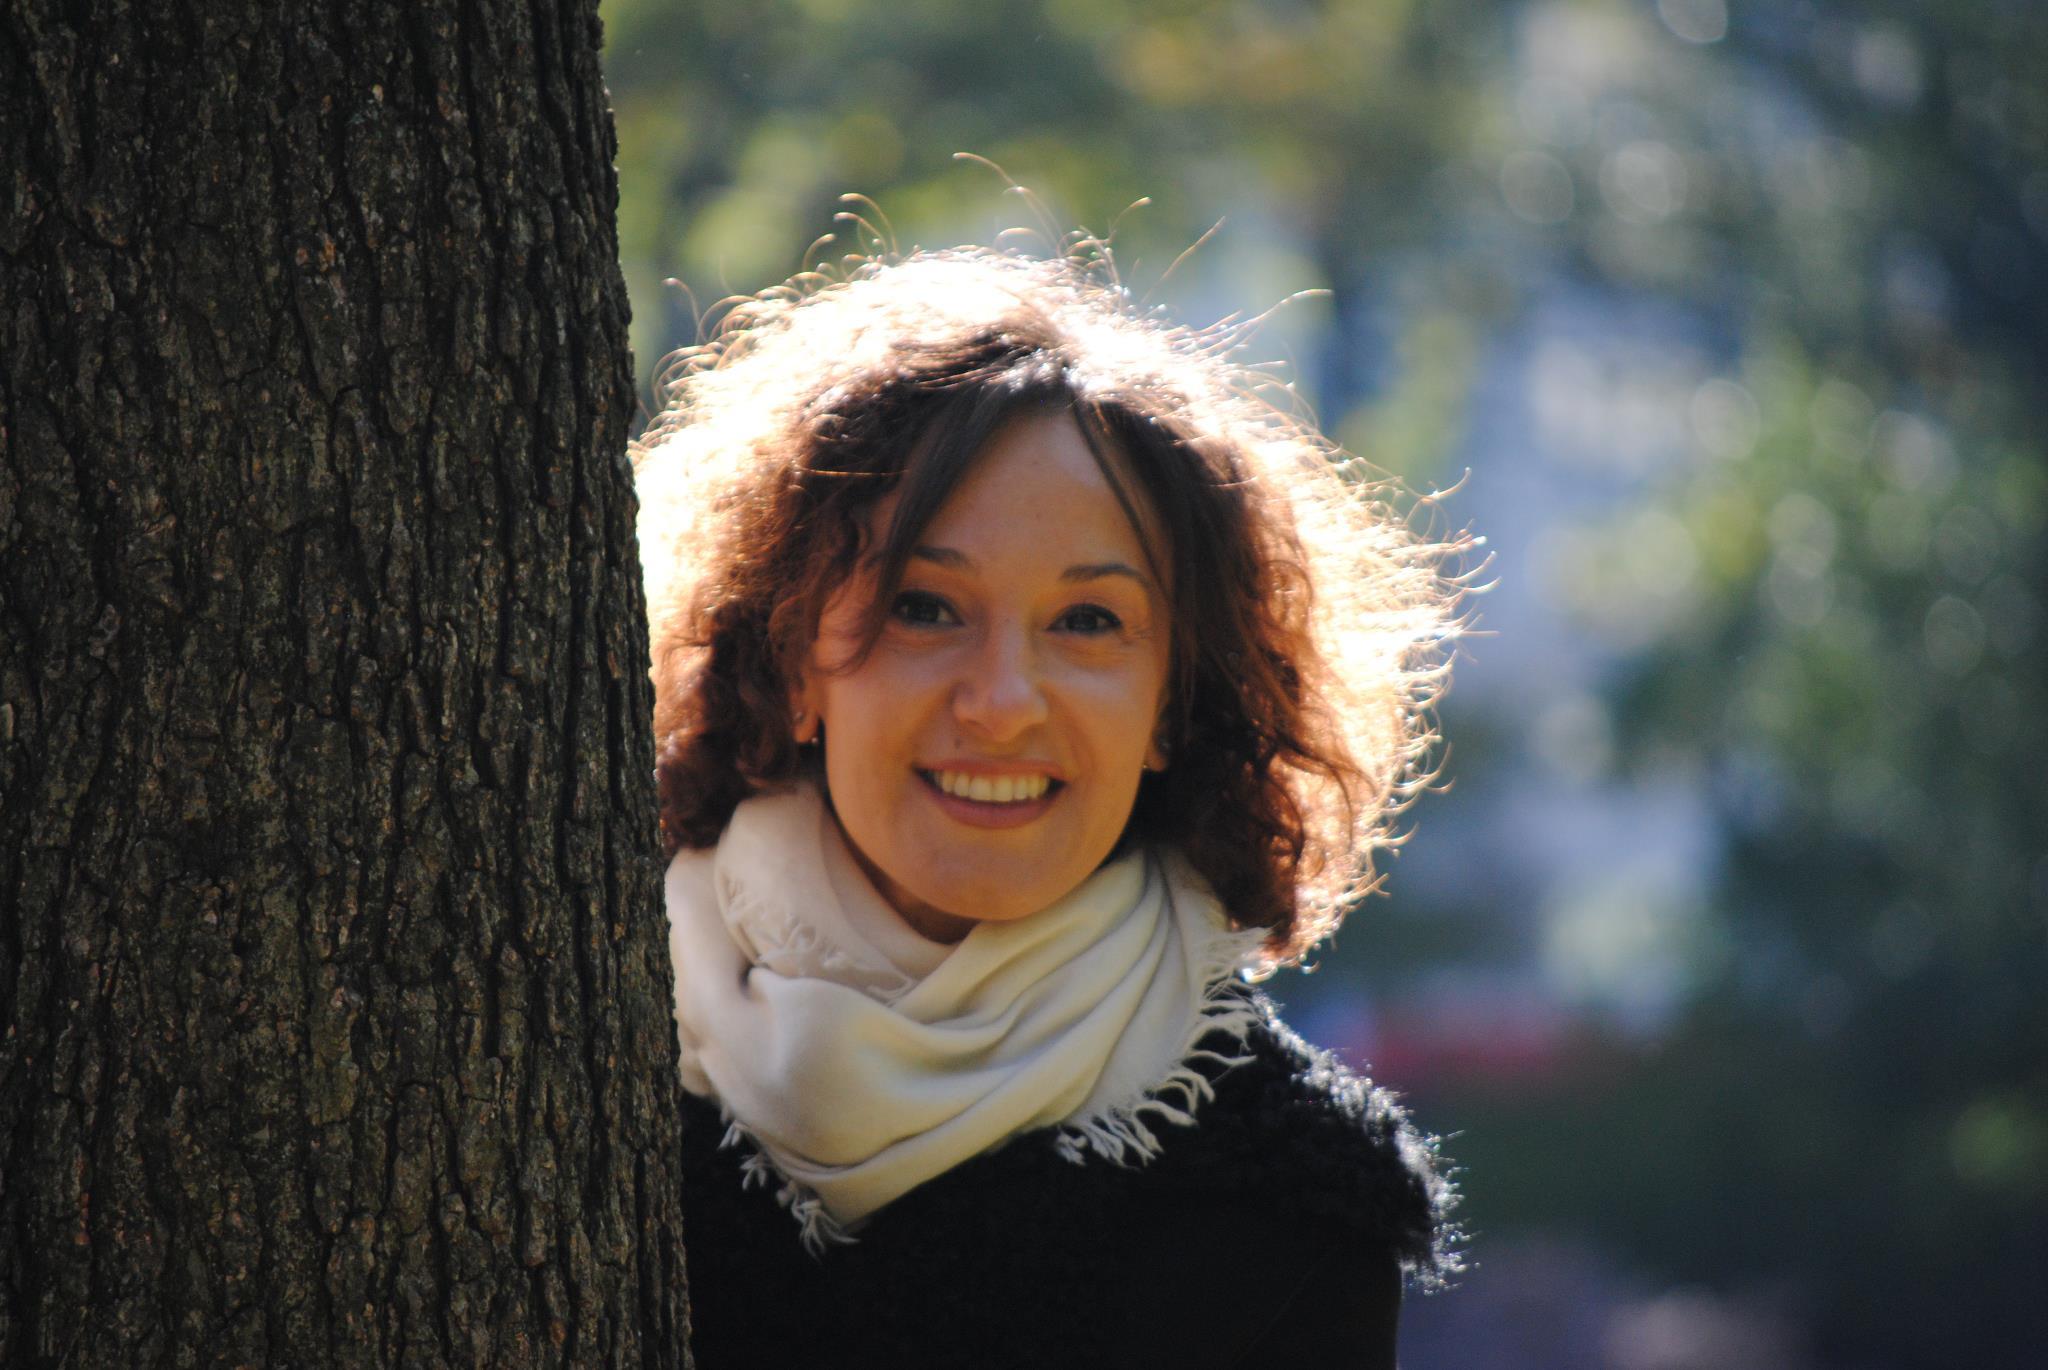 Morta a Roma la giornalista Rita Fantozzi, aveva 47 anni